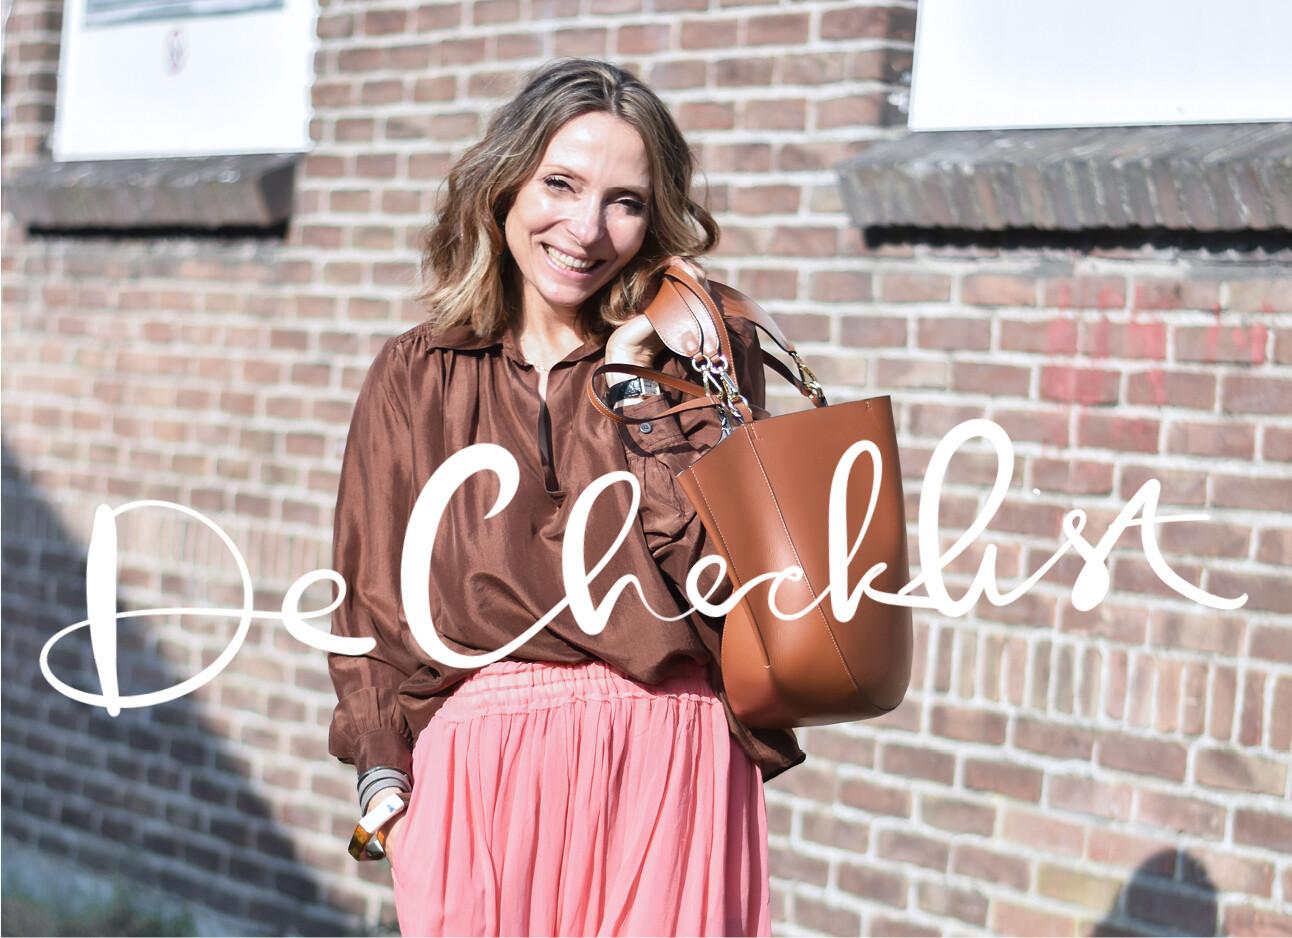 may lachend met haar wandler tas buiten in roze rok en zijde top